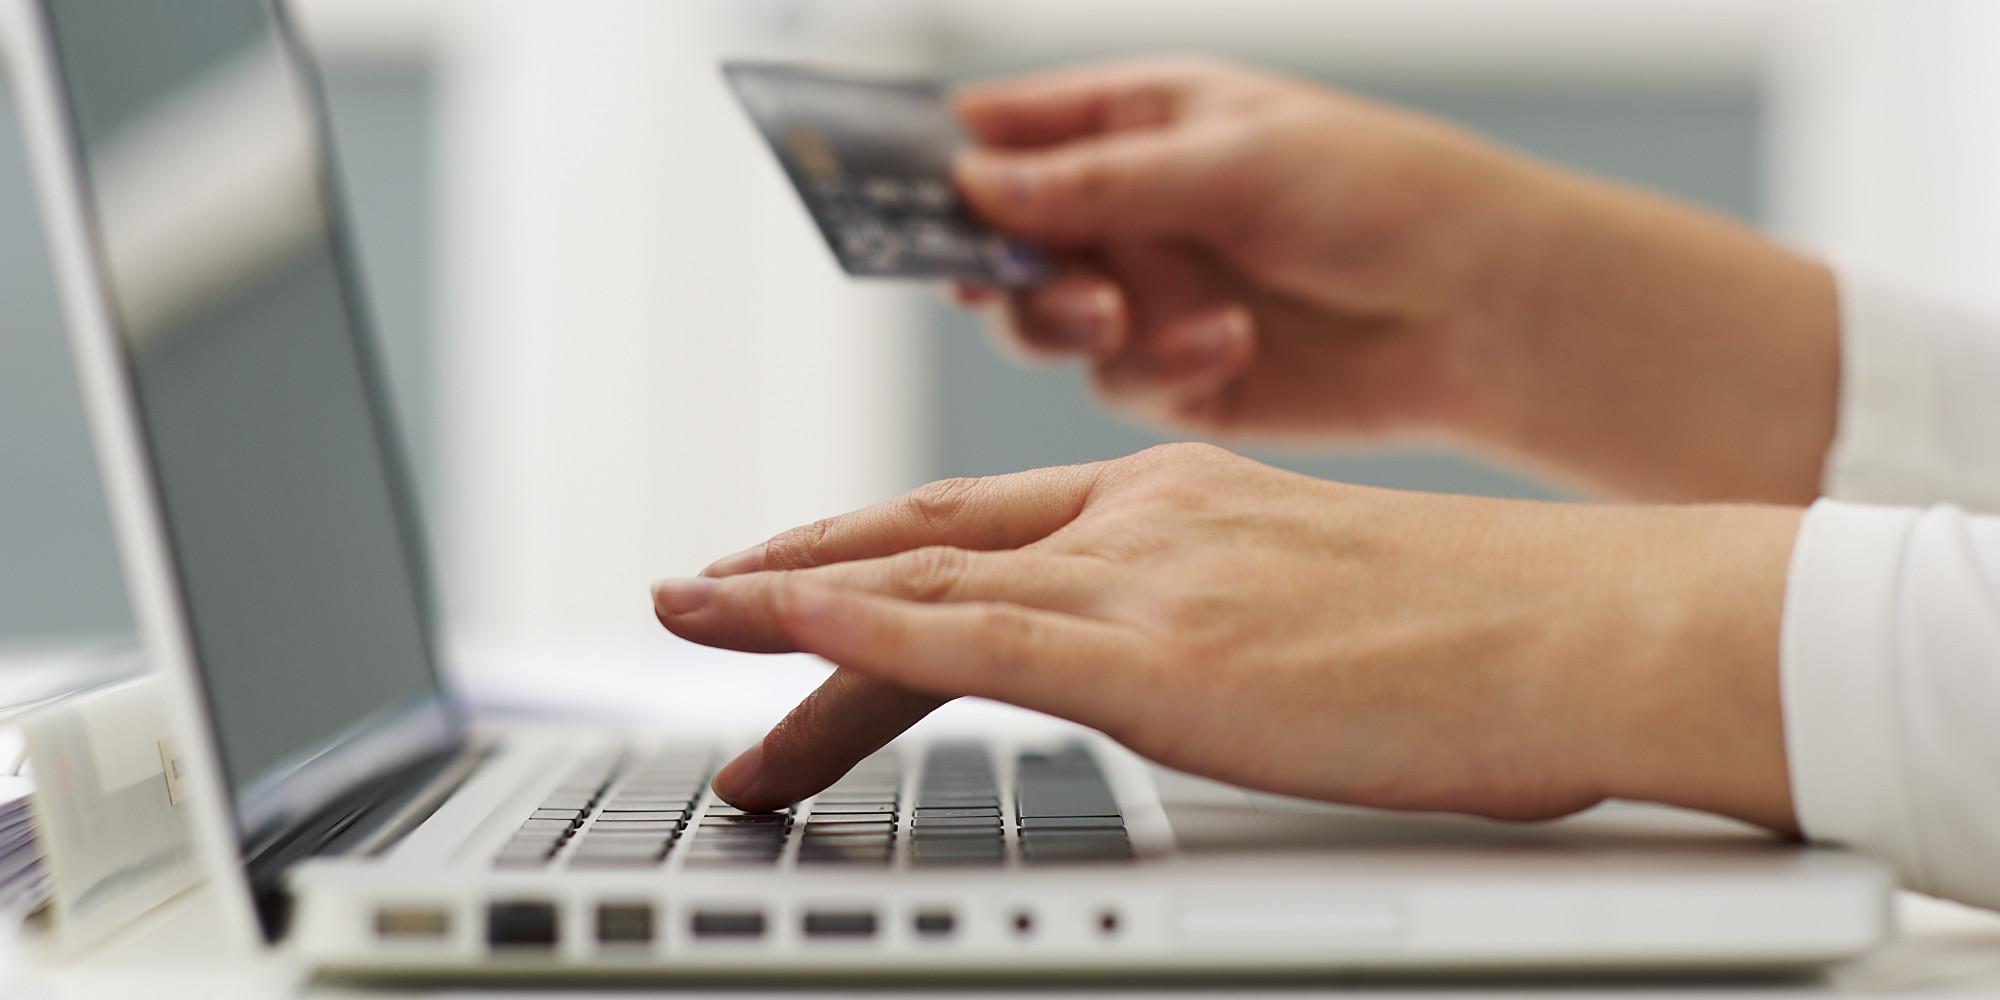 خرید اینترنتی در ایران